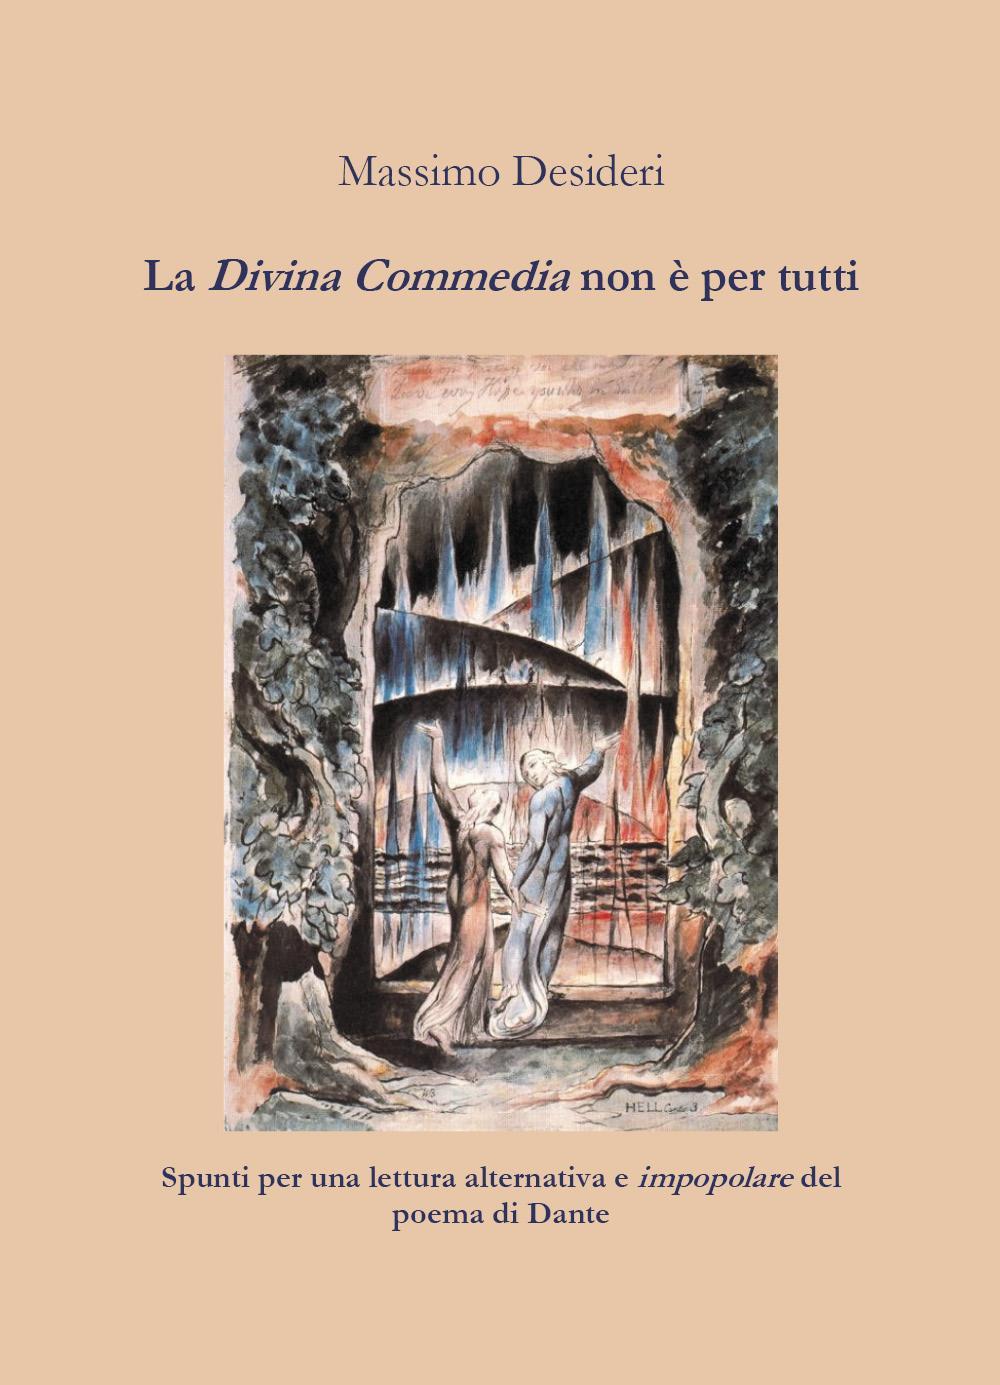 La Divina Commedia non è per tutti